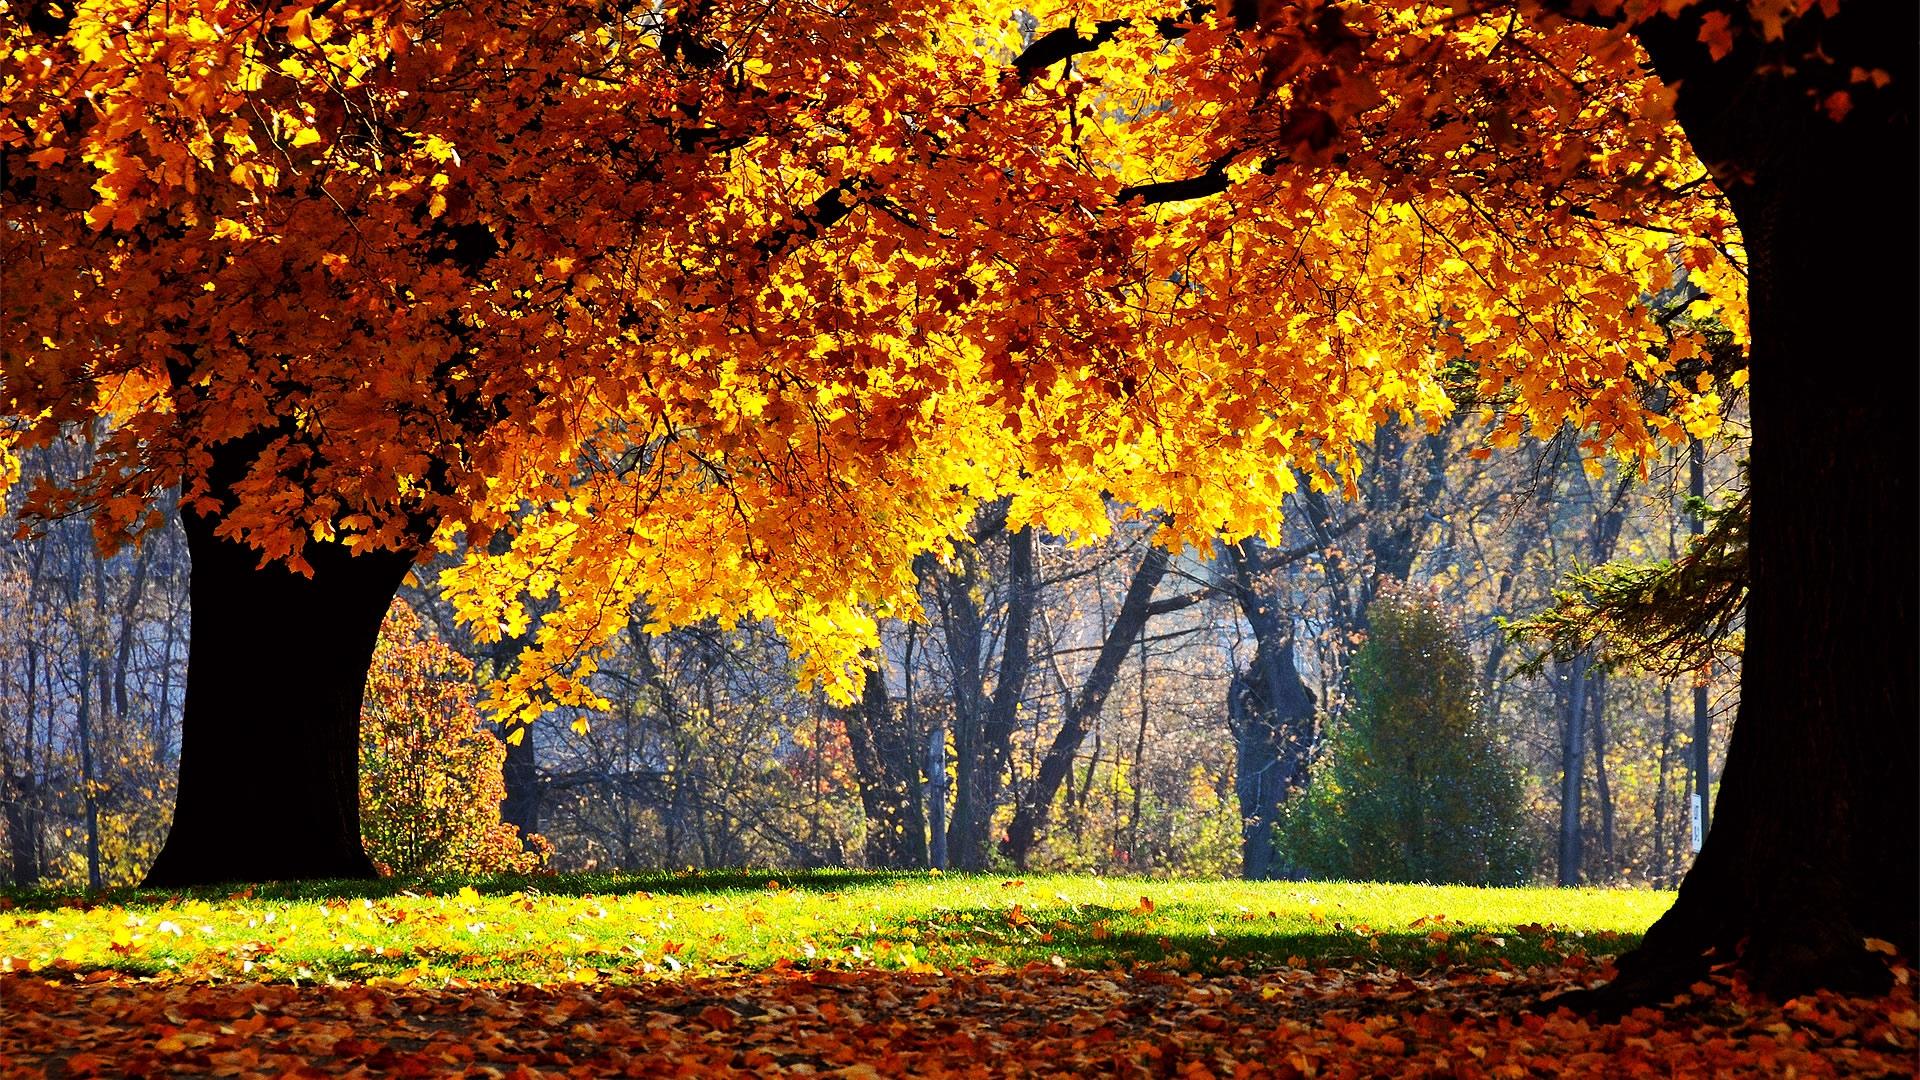 Autumn Wallpaper HD Desktop Wallpaper 1920x1080 41 1920x1080